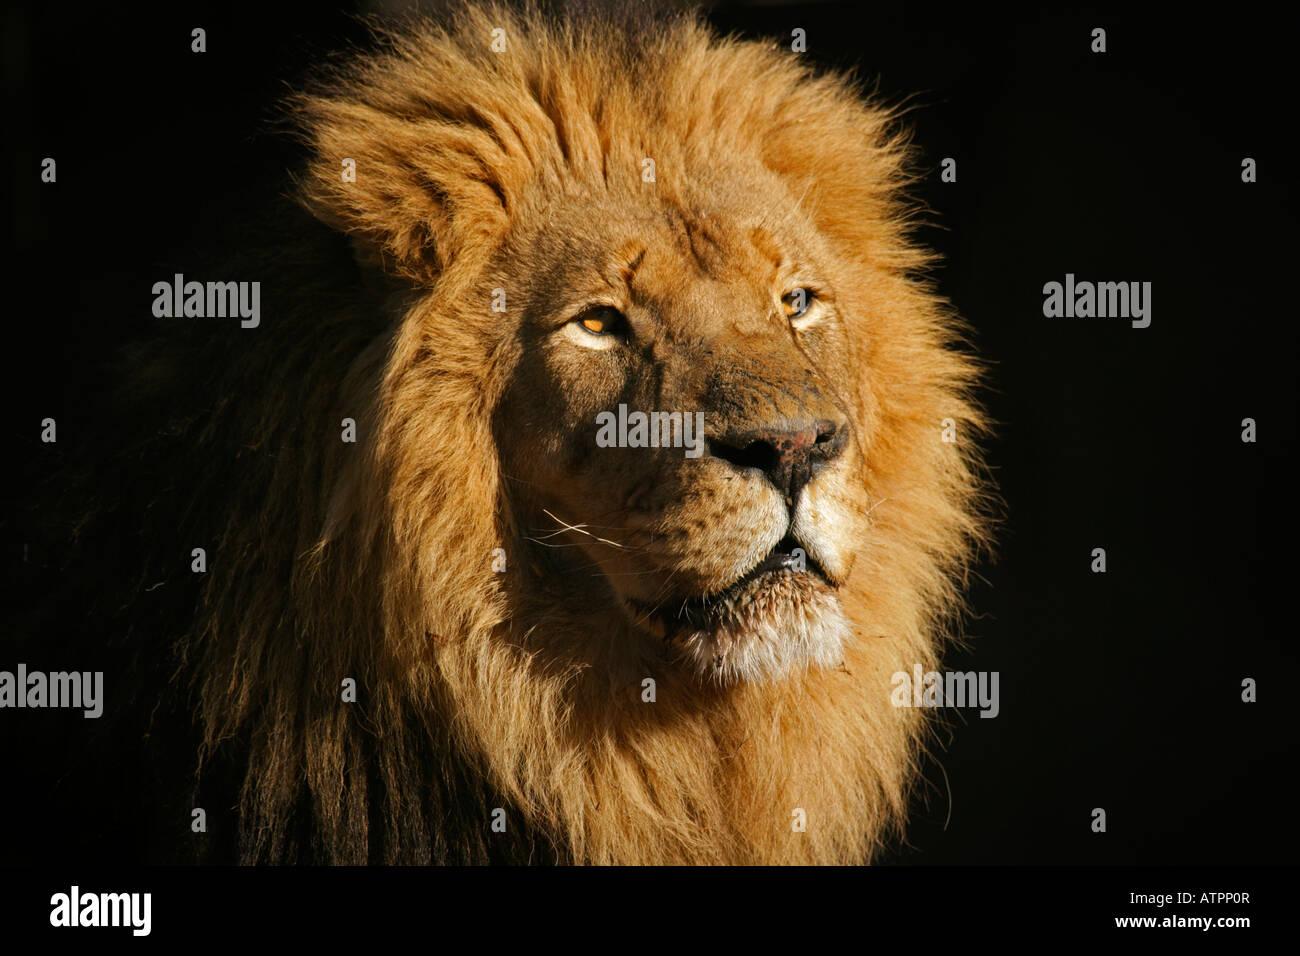 Portrait d'un grand mâle African lion (Panthera leo), sur un fond noir, Afrique du Sud Photo Stock